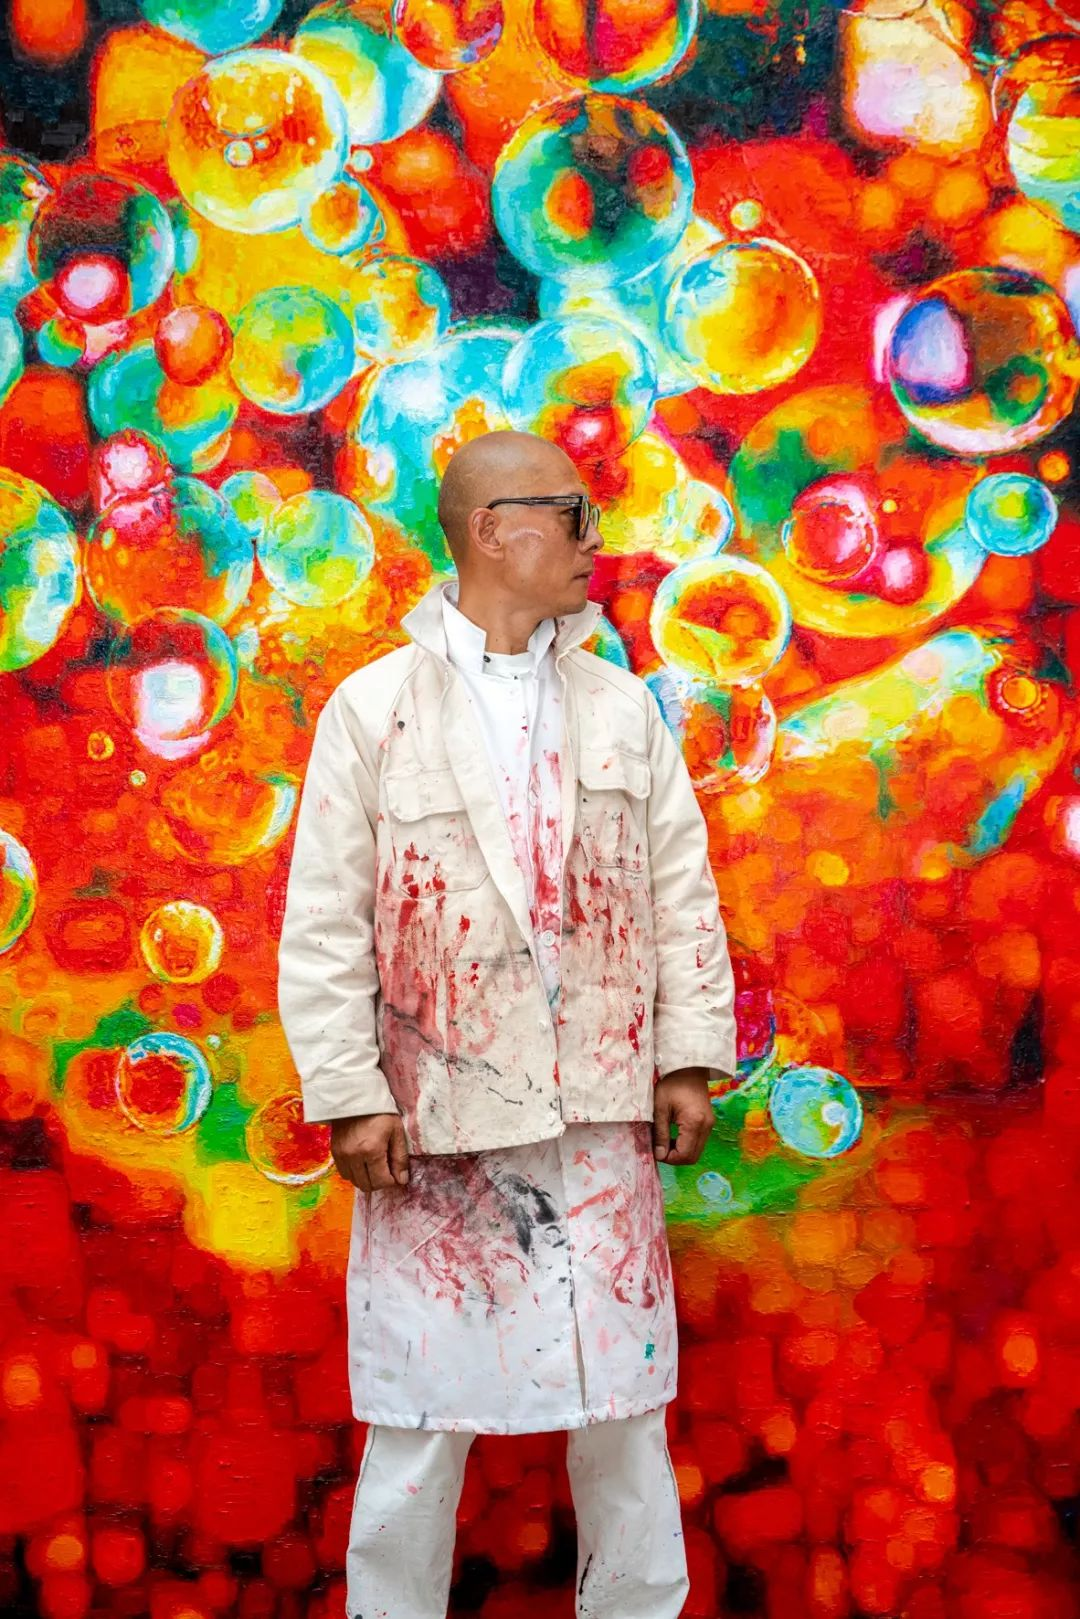 艺术家张洹新作《生命之水》, 讲述了他善变的艺术风格中不变且最有生命力的部分